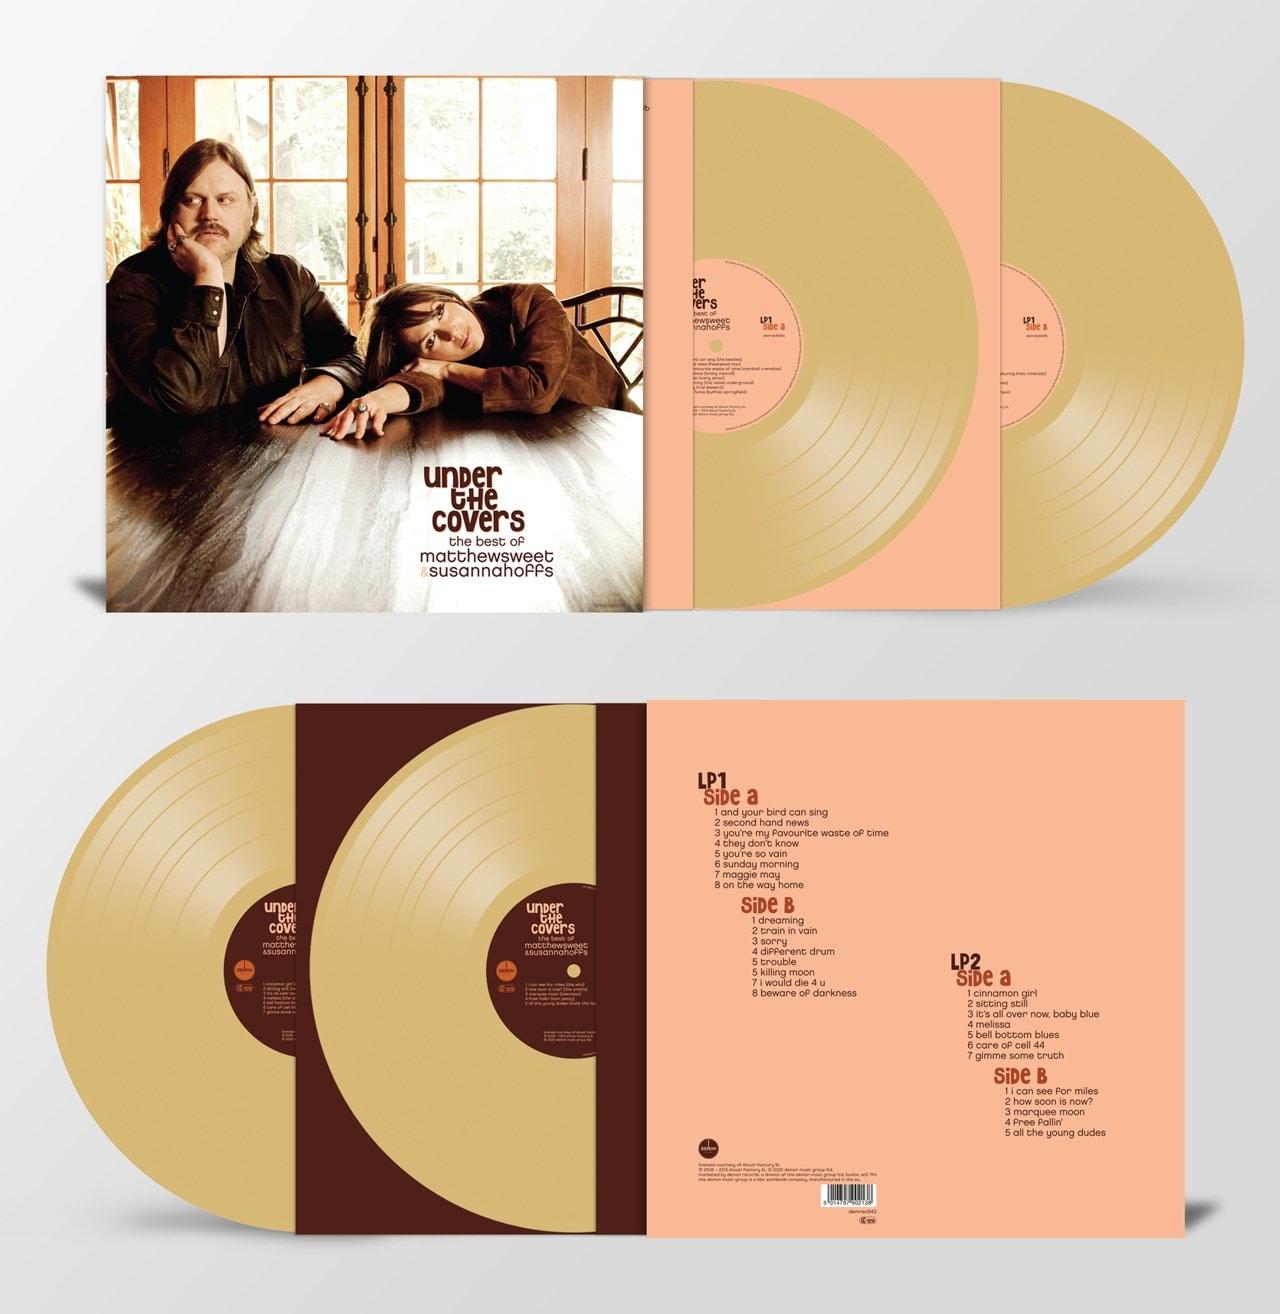 Under the Covers: The Best of Matthew Sweet & Susanna Hoffs - 1